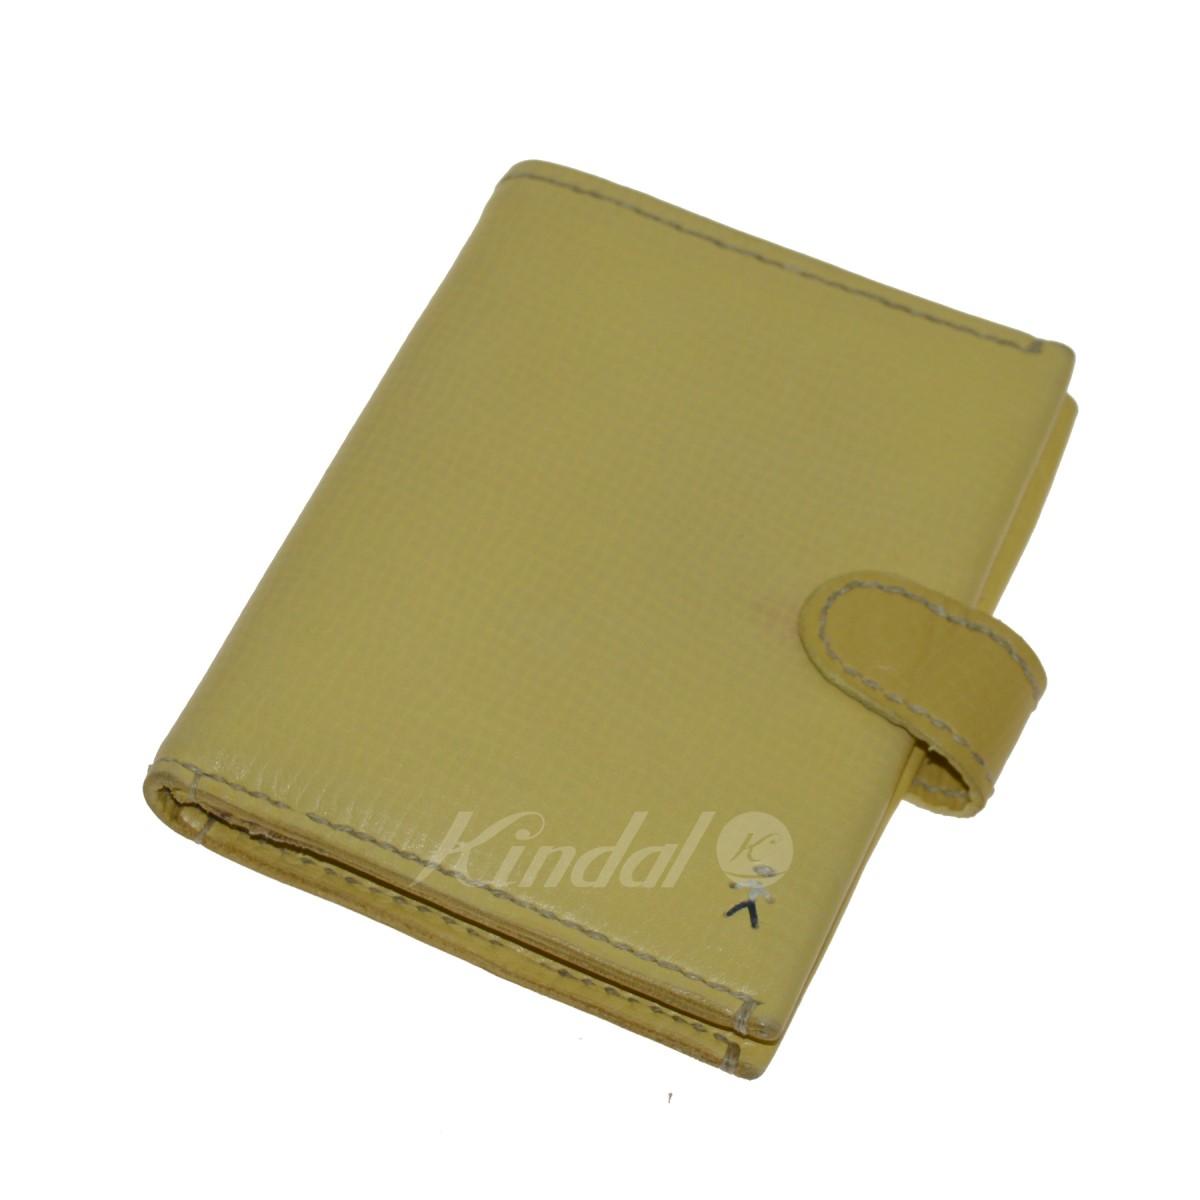 【中古】HENRY BEGUELIN オミノ刺繍レザー財布 イエロー 【040520】(エンリーベグリン)